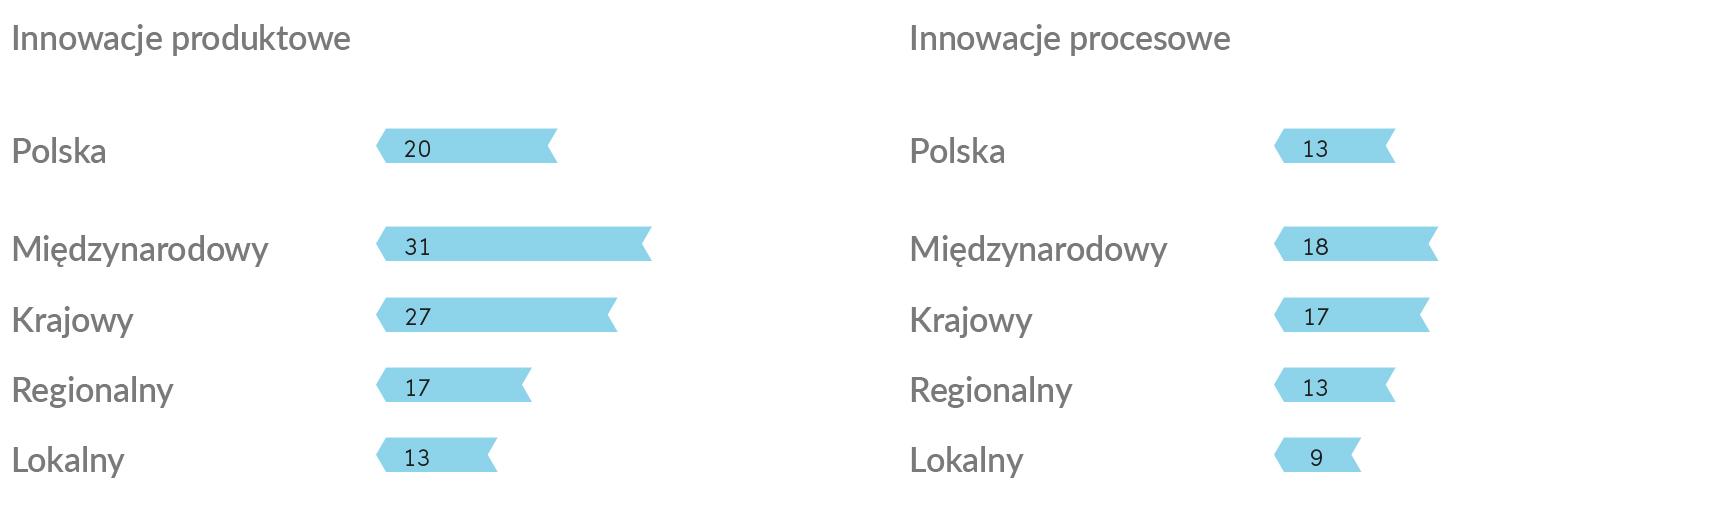 ac61252b900d06 Firmy średnie działające na obszarze międzynarodowym deklarują innowacje  produktowe w roku 2018 na poziomie aż 61%, a procesowe w 58%.